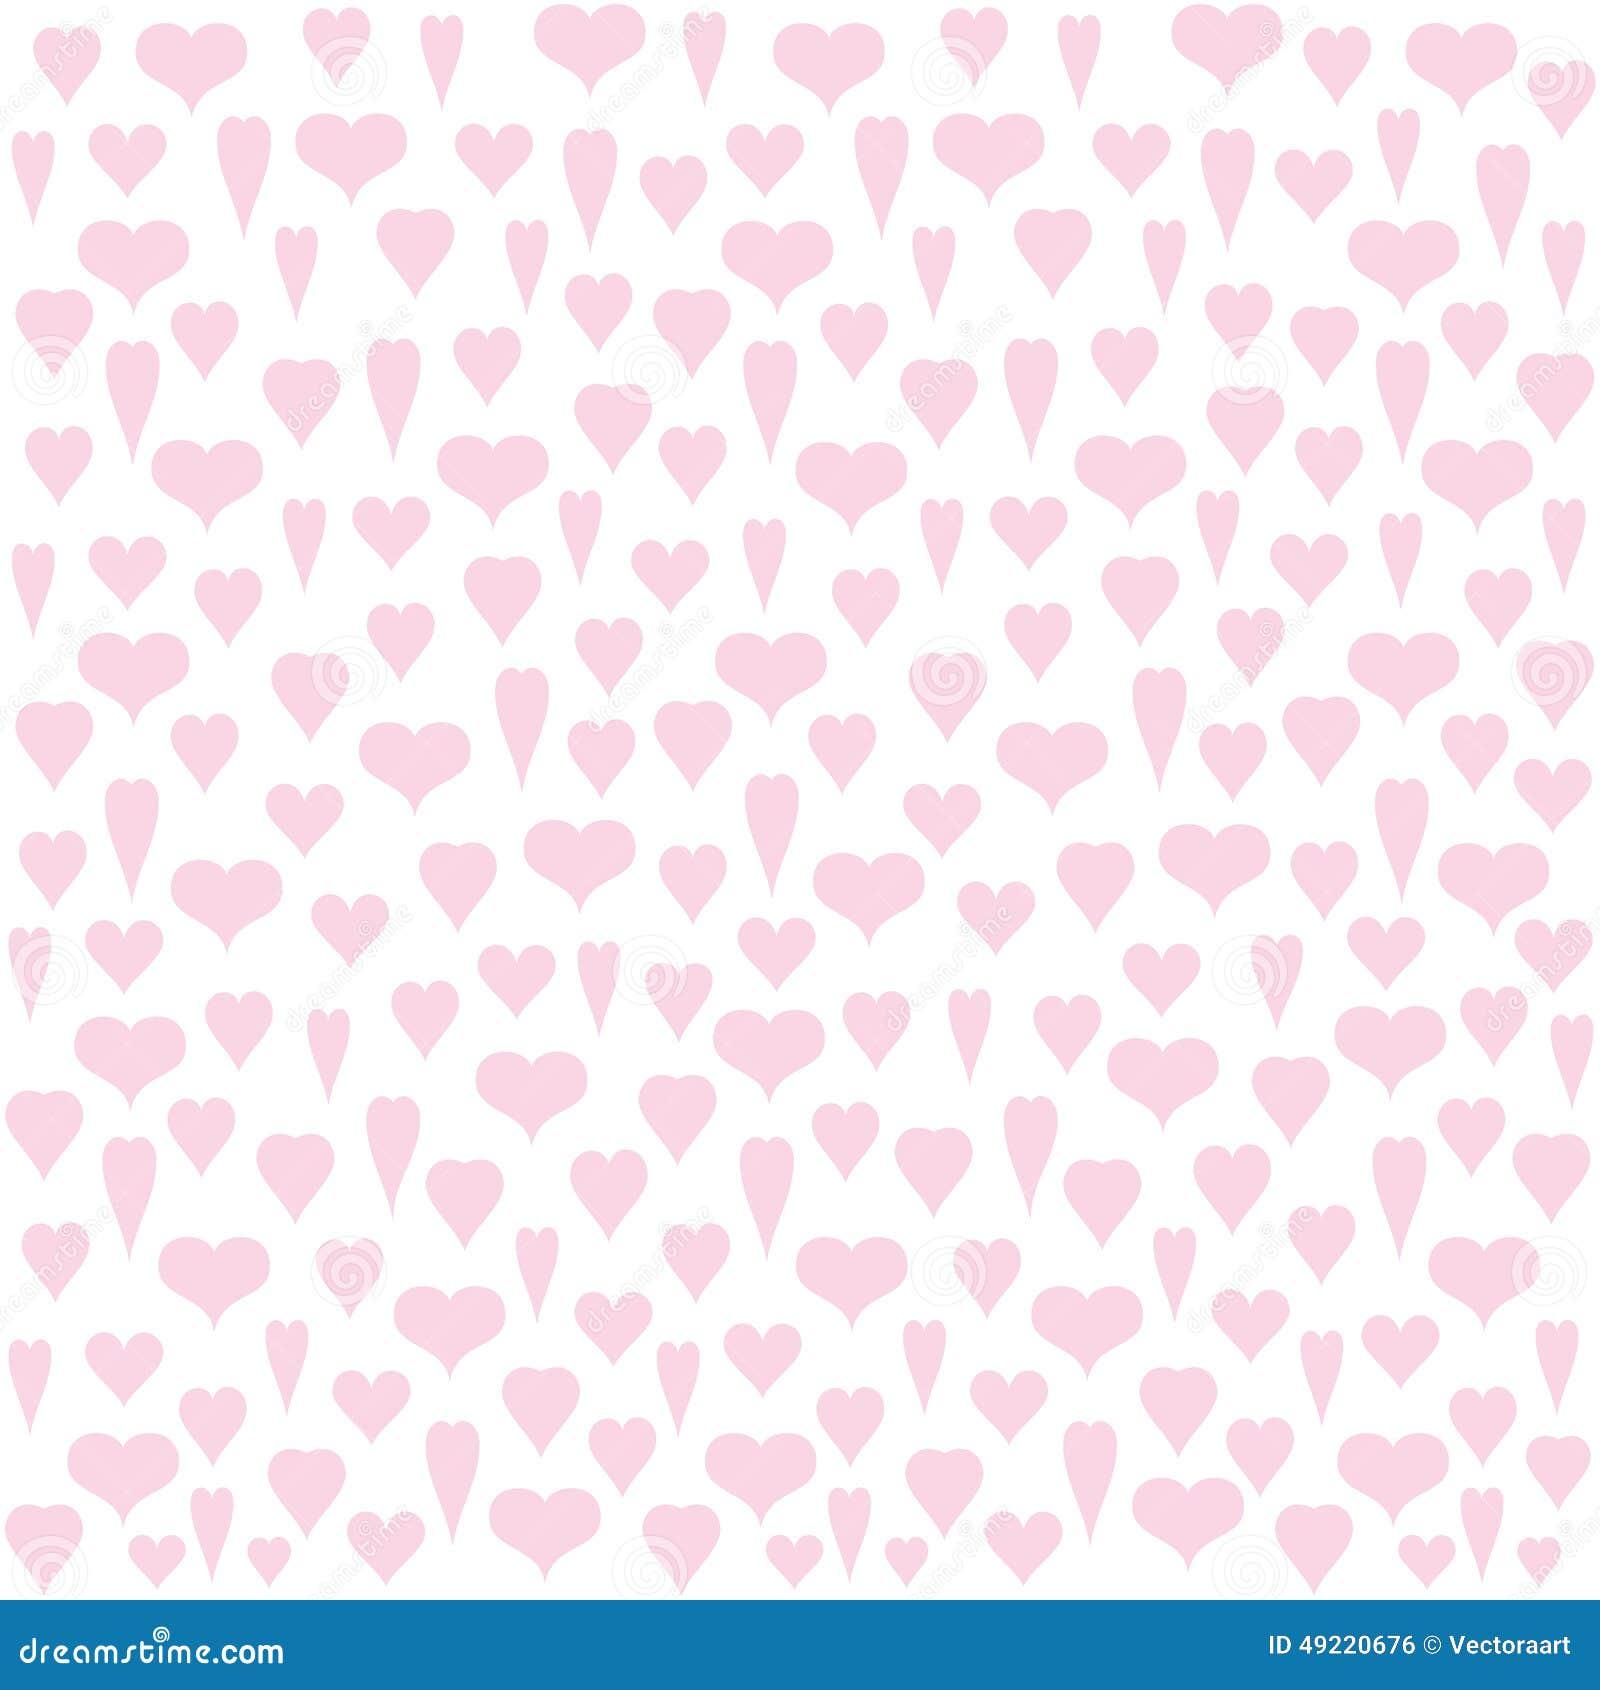 conception de papier d 39 emballage cadeau de saint valentin illustration de vecteur image 49220676. Black Bedroom Furniture Sets. Home Design Ideas